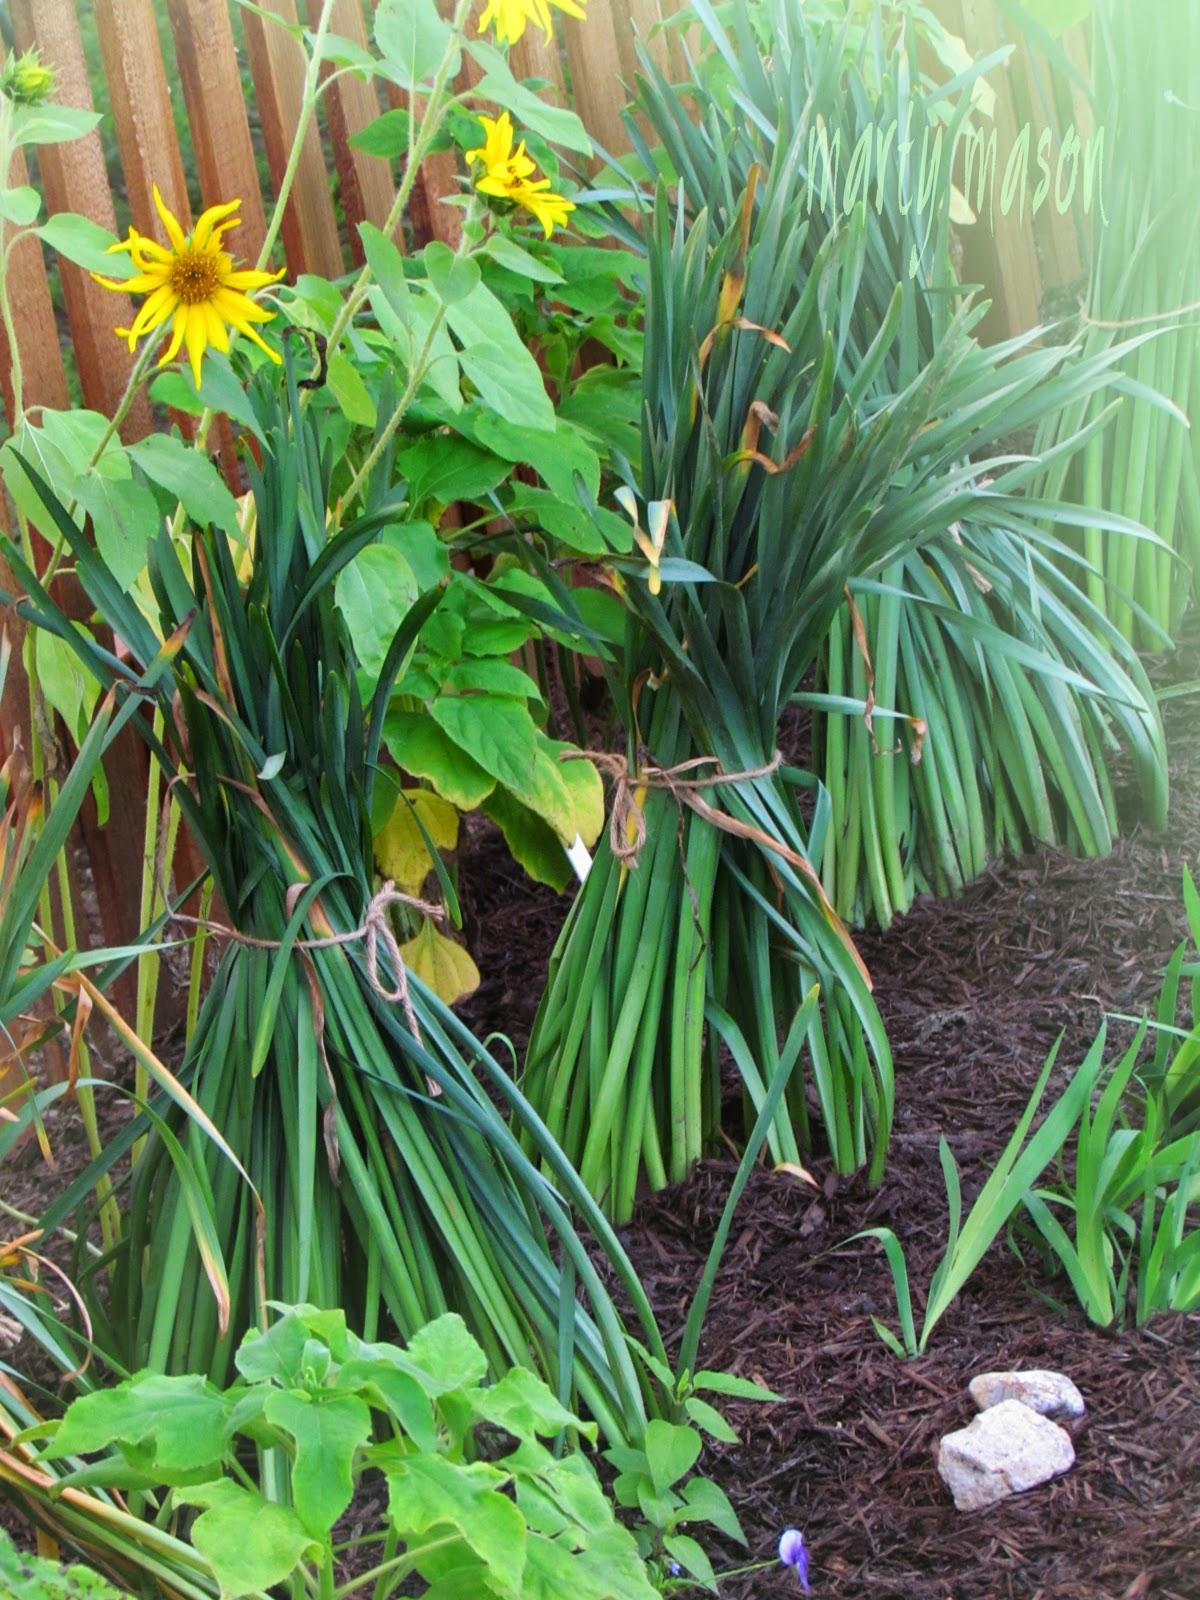 Sunflower teepees